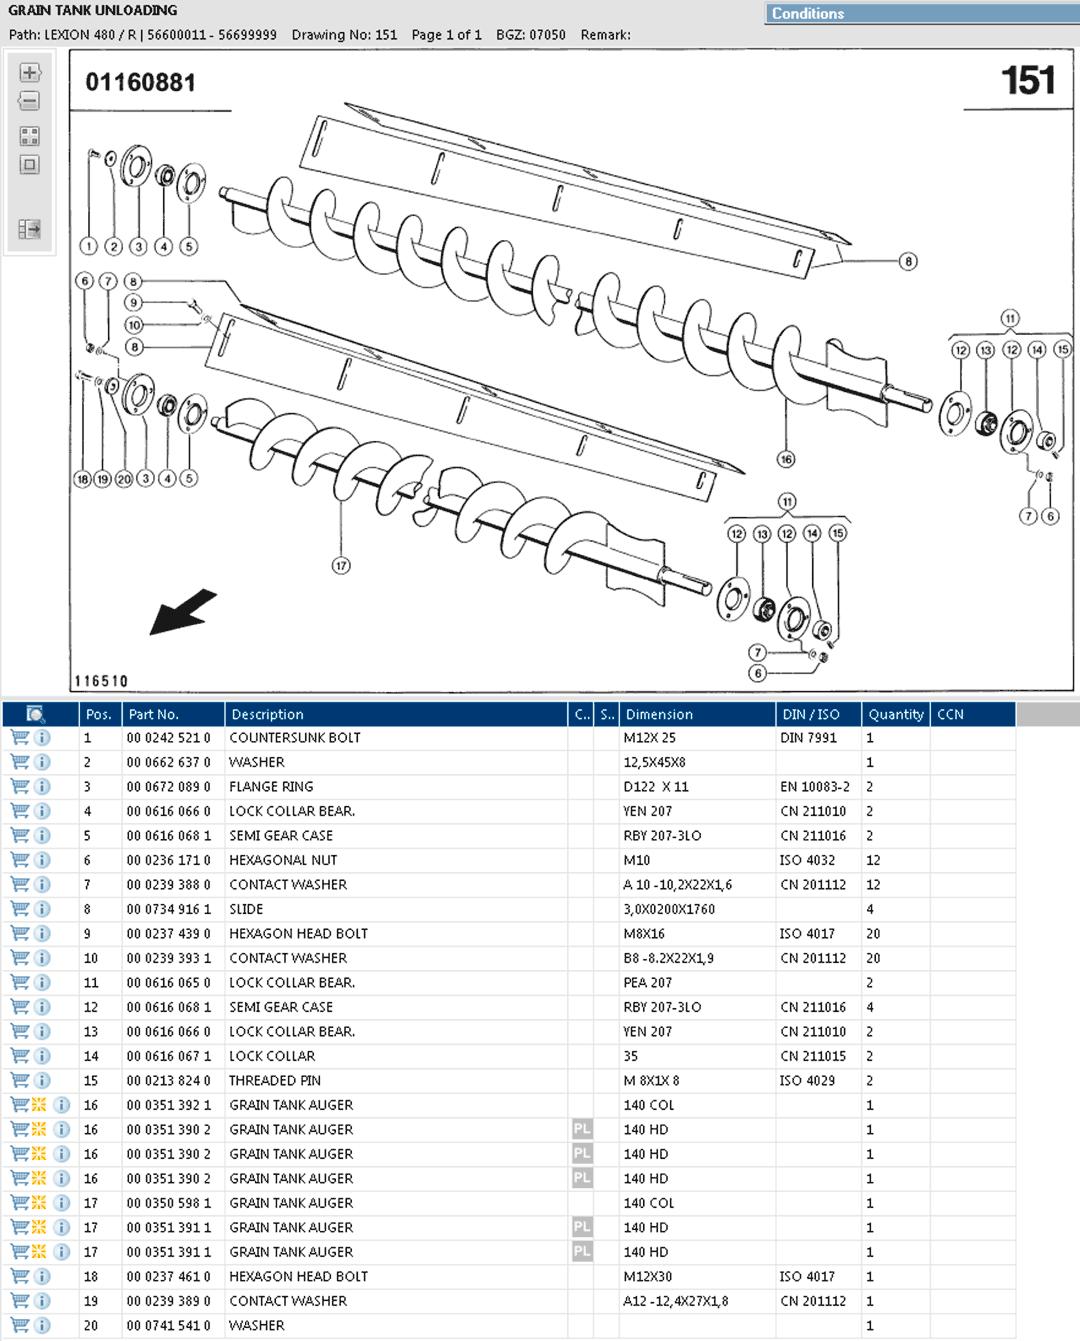 Lexion 480R parts and scheme - Grain tank unloading augers